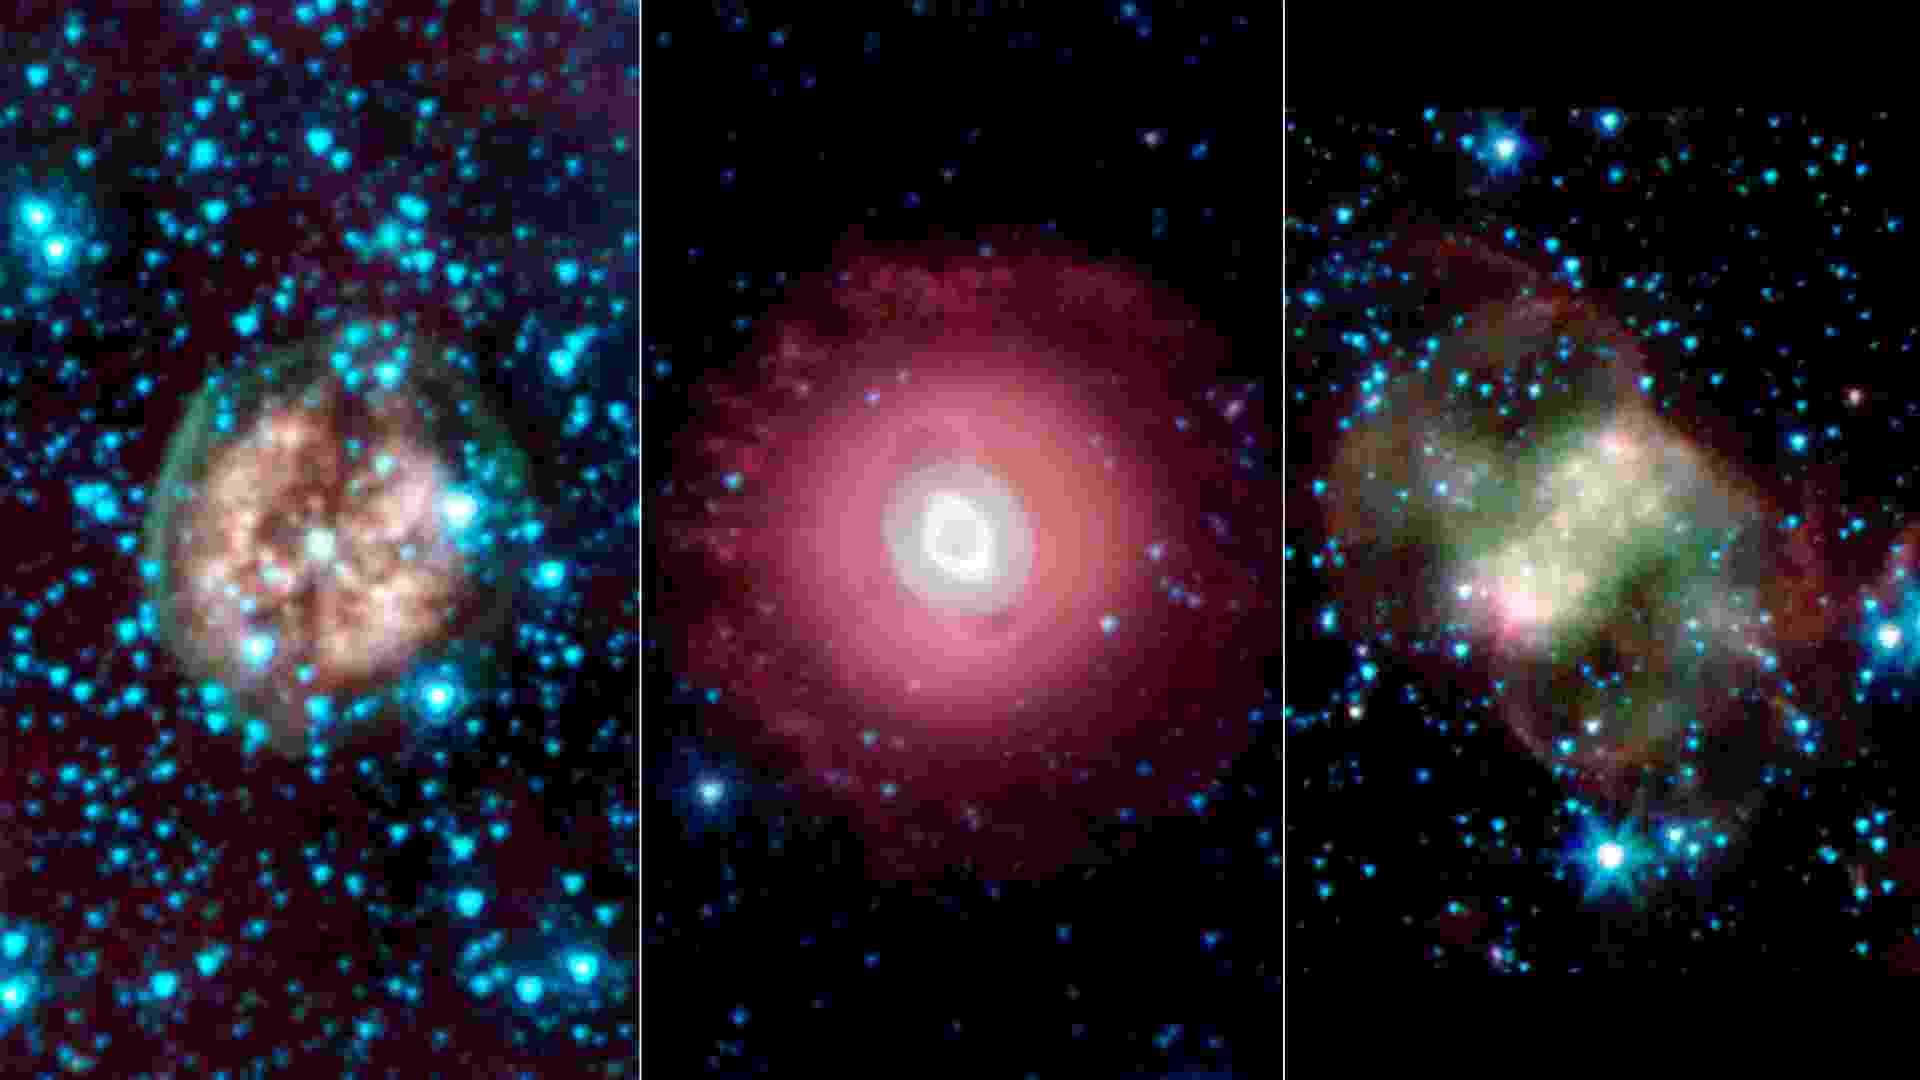 31.out.2013 - Nasa (Agência Espacial Norte-Americana) publica três imagens fantasmagóricas do espaço em comemoração ao Dia das Bruxas nos EUA. As nebulosas, nuvens de poeira, hidrogênio e plasma de estrelas que estão morrendo e ejetando massa, são: Crânio Exposto, a PMR 1, que fica a 5.000 anos-luz na constelação de Vela; Fantasma de Júpiter, que parece um olho ensanguentado, conhecida por NGC 3242, está a  1.400 anos-luz, na constelação de Hydra; já a Pequena Nebulosa do Haltere, se parece com uma borboleta e está a 2.500 anos-luz daqui, na Constelação de Perseus - Nasa/JPL-Caltech/Harvard-Smithsonian CfA